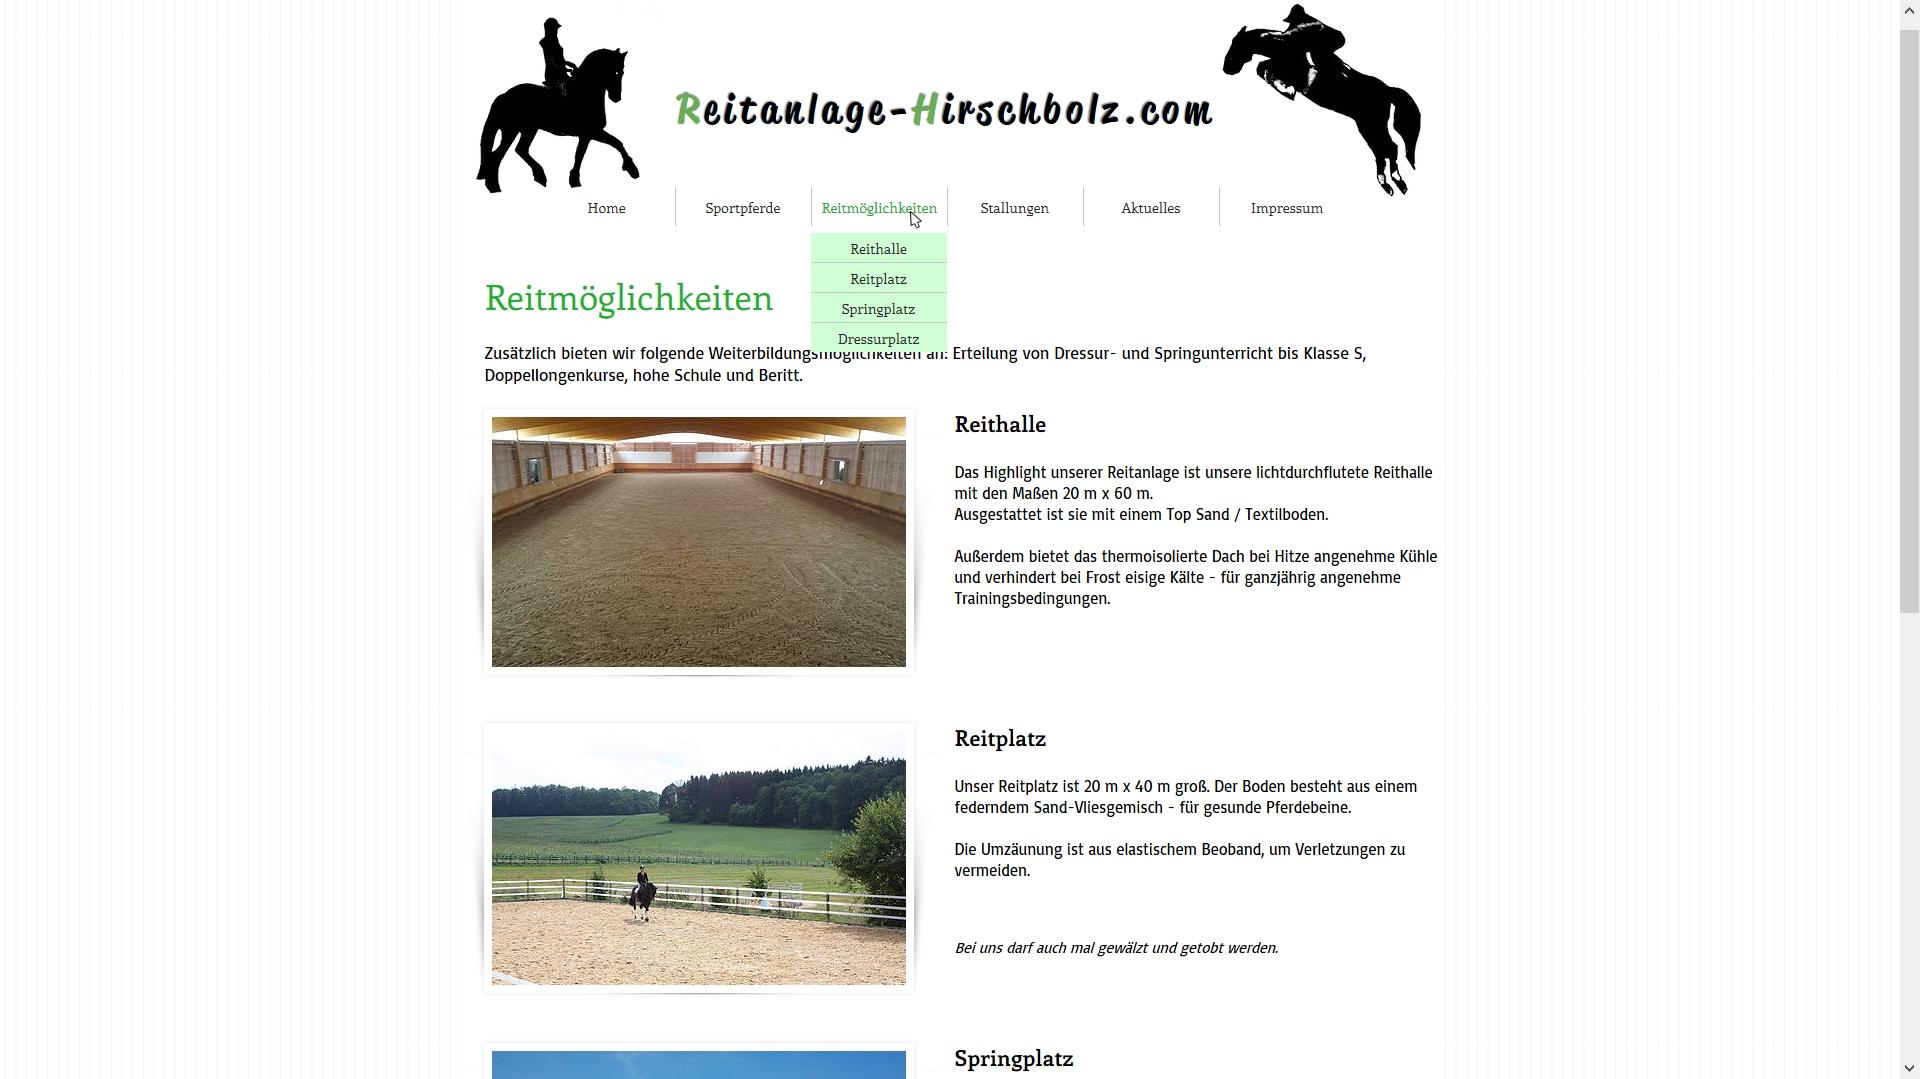 Reitanlage Hirschbolz